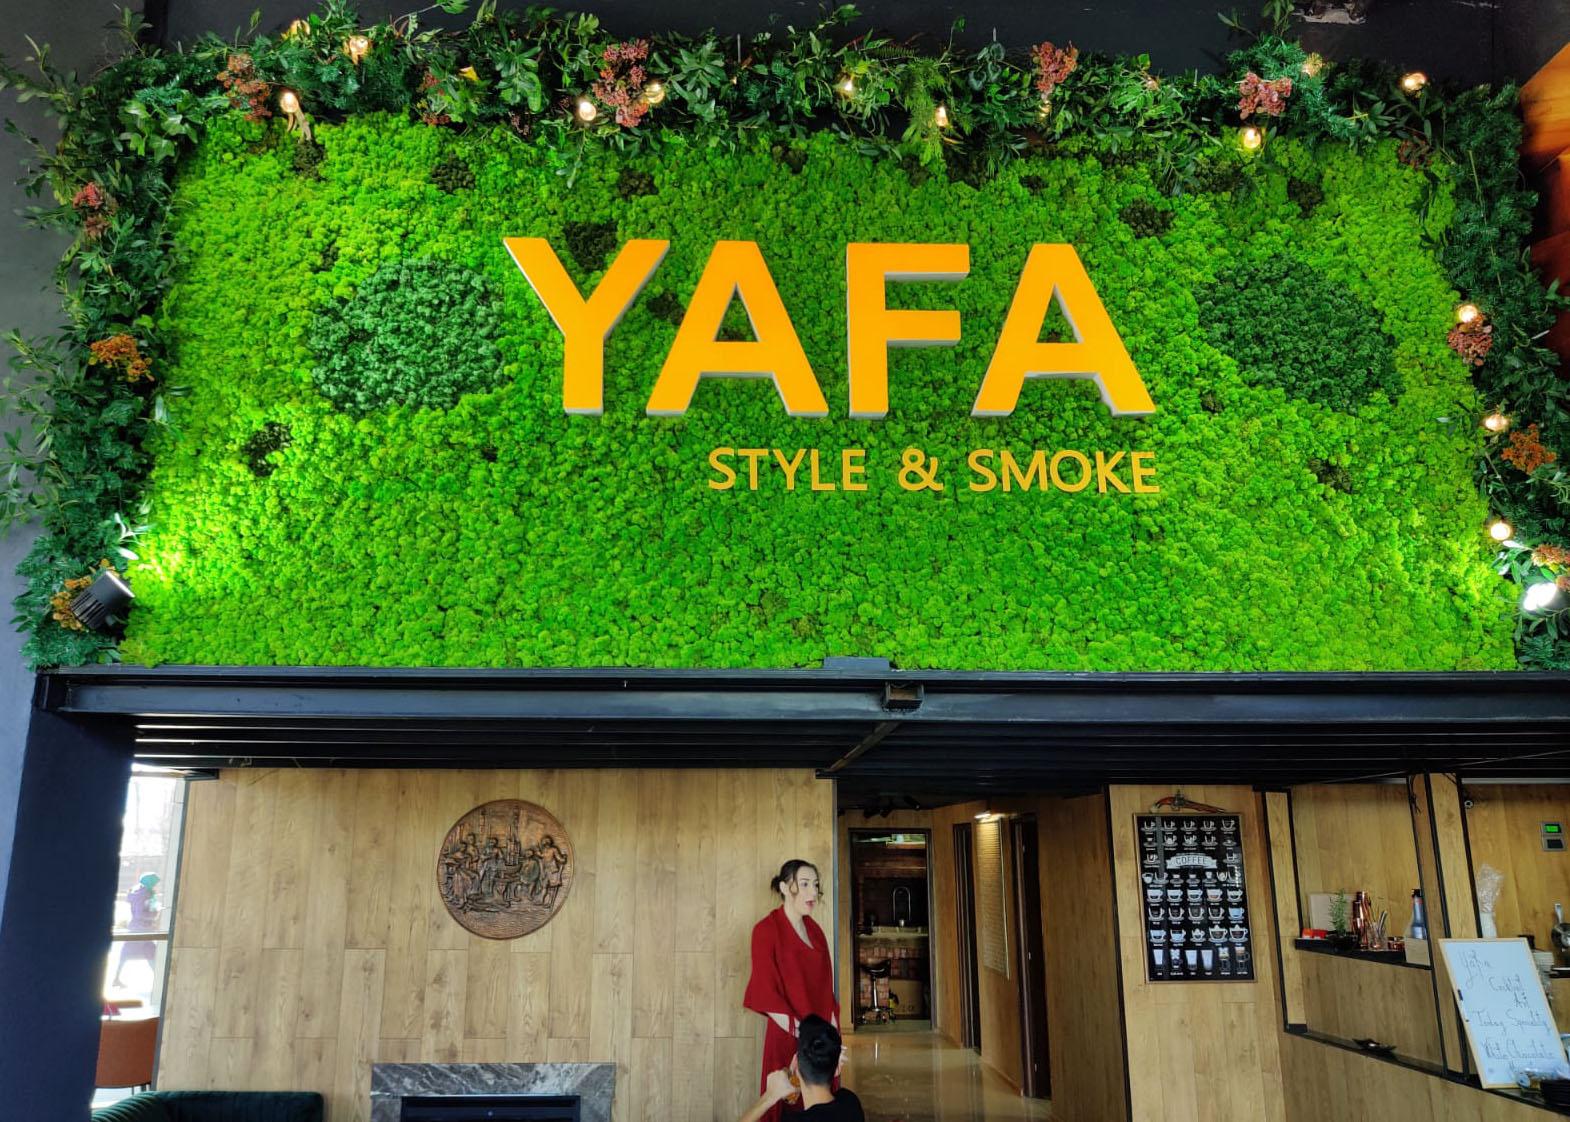 yafa people